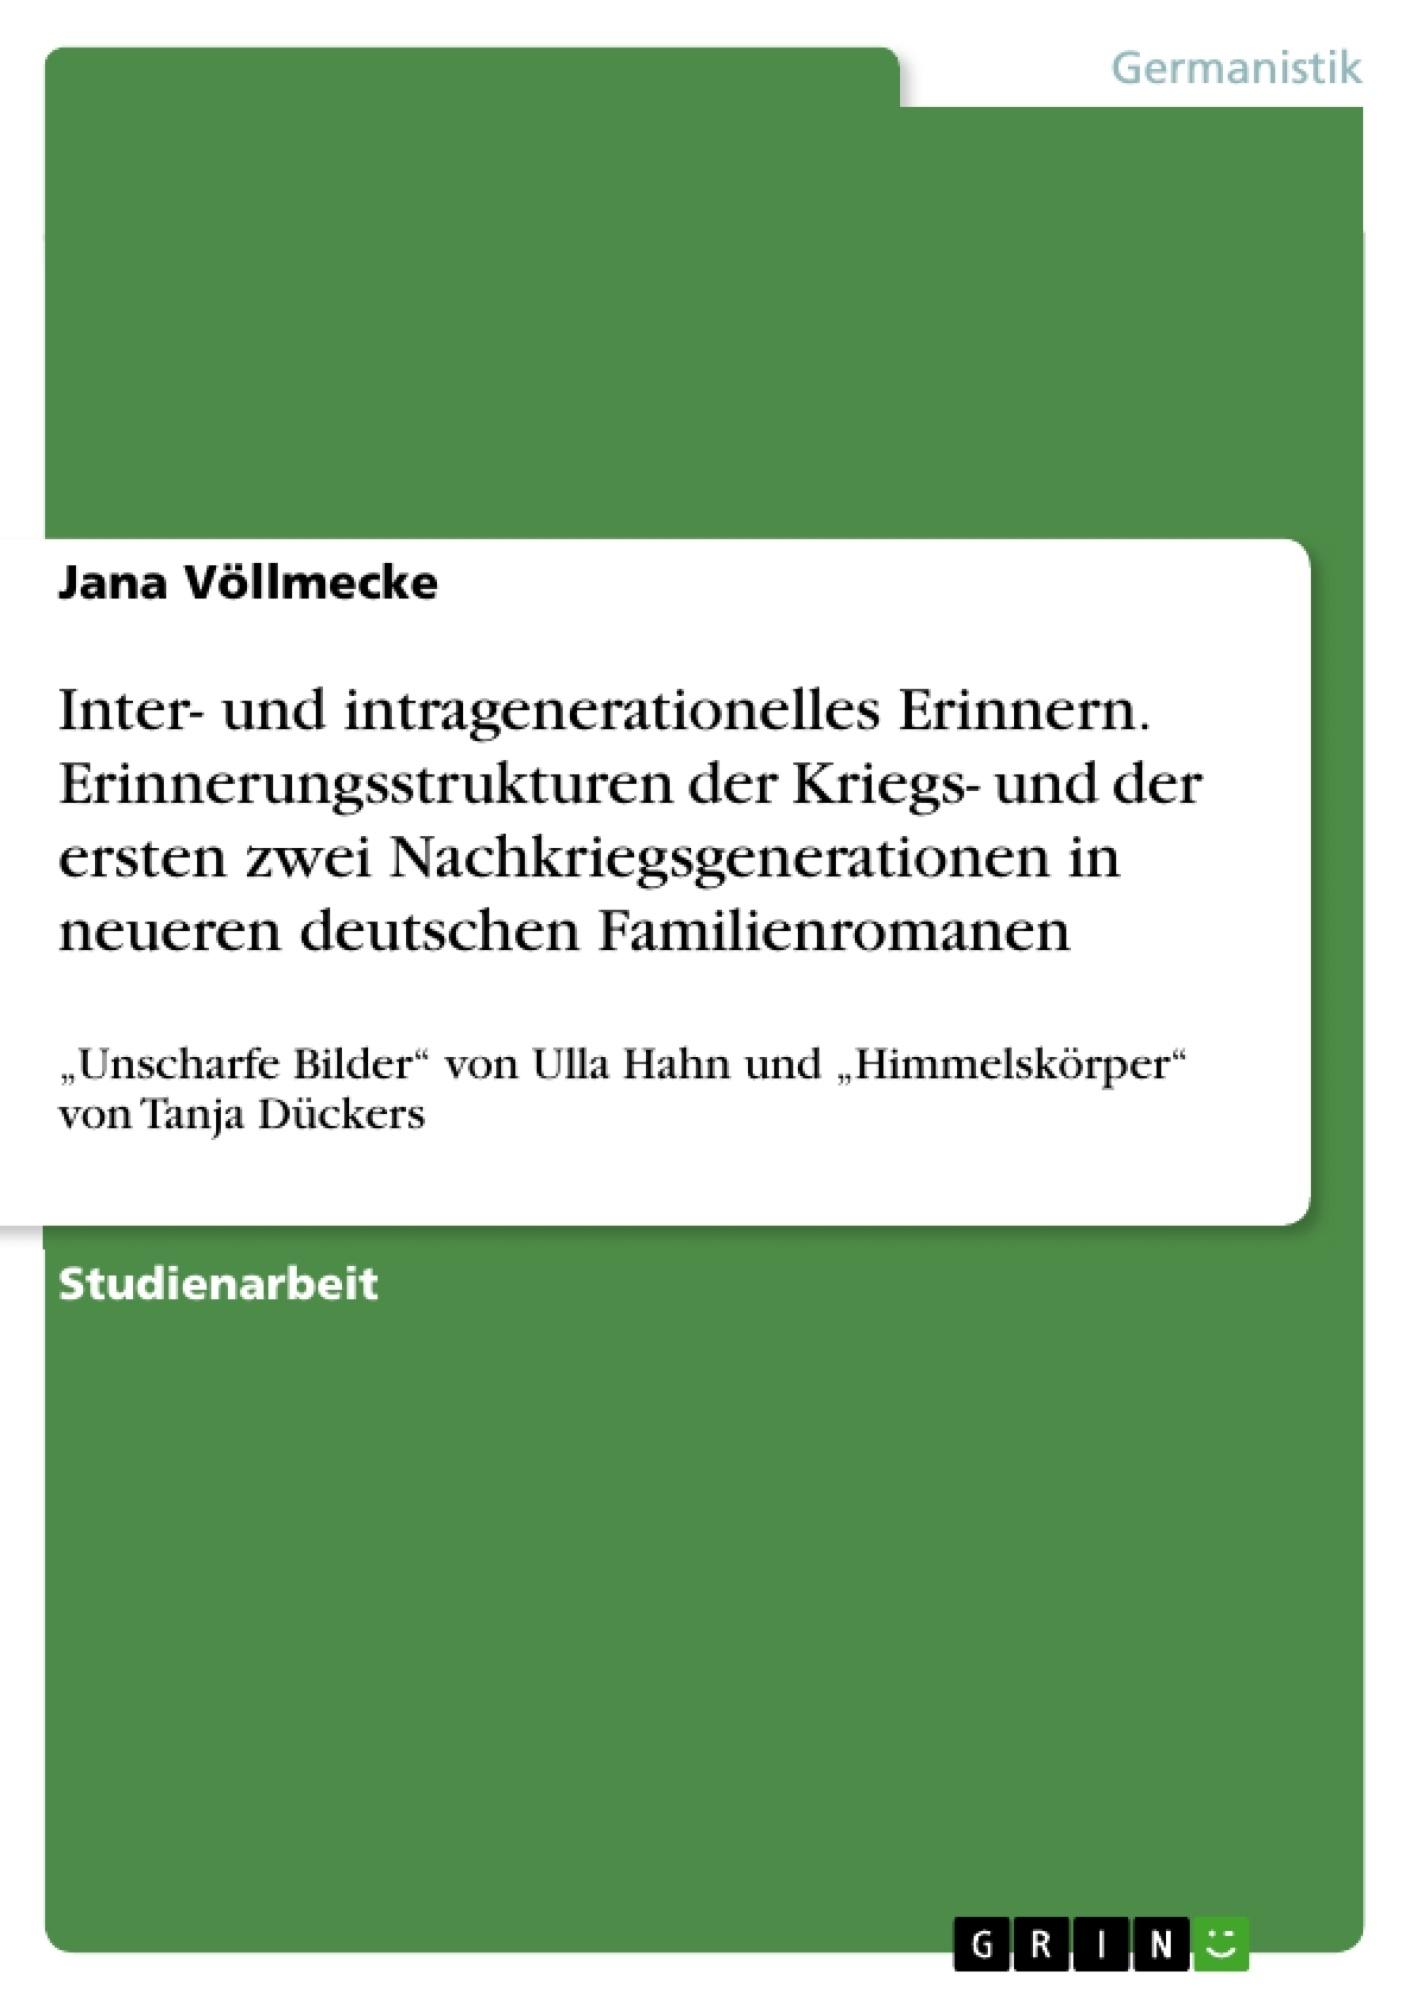 Titel: Inter- und intragenerationelles Erinnern. Erinnerungsstrukturen der Kriegs- und der ersten zwei Nachkriegsgenerationen in neueren deutschen Familienromanen